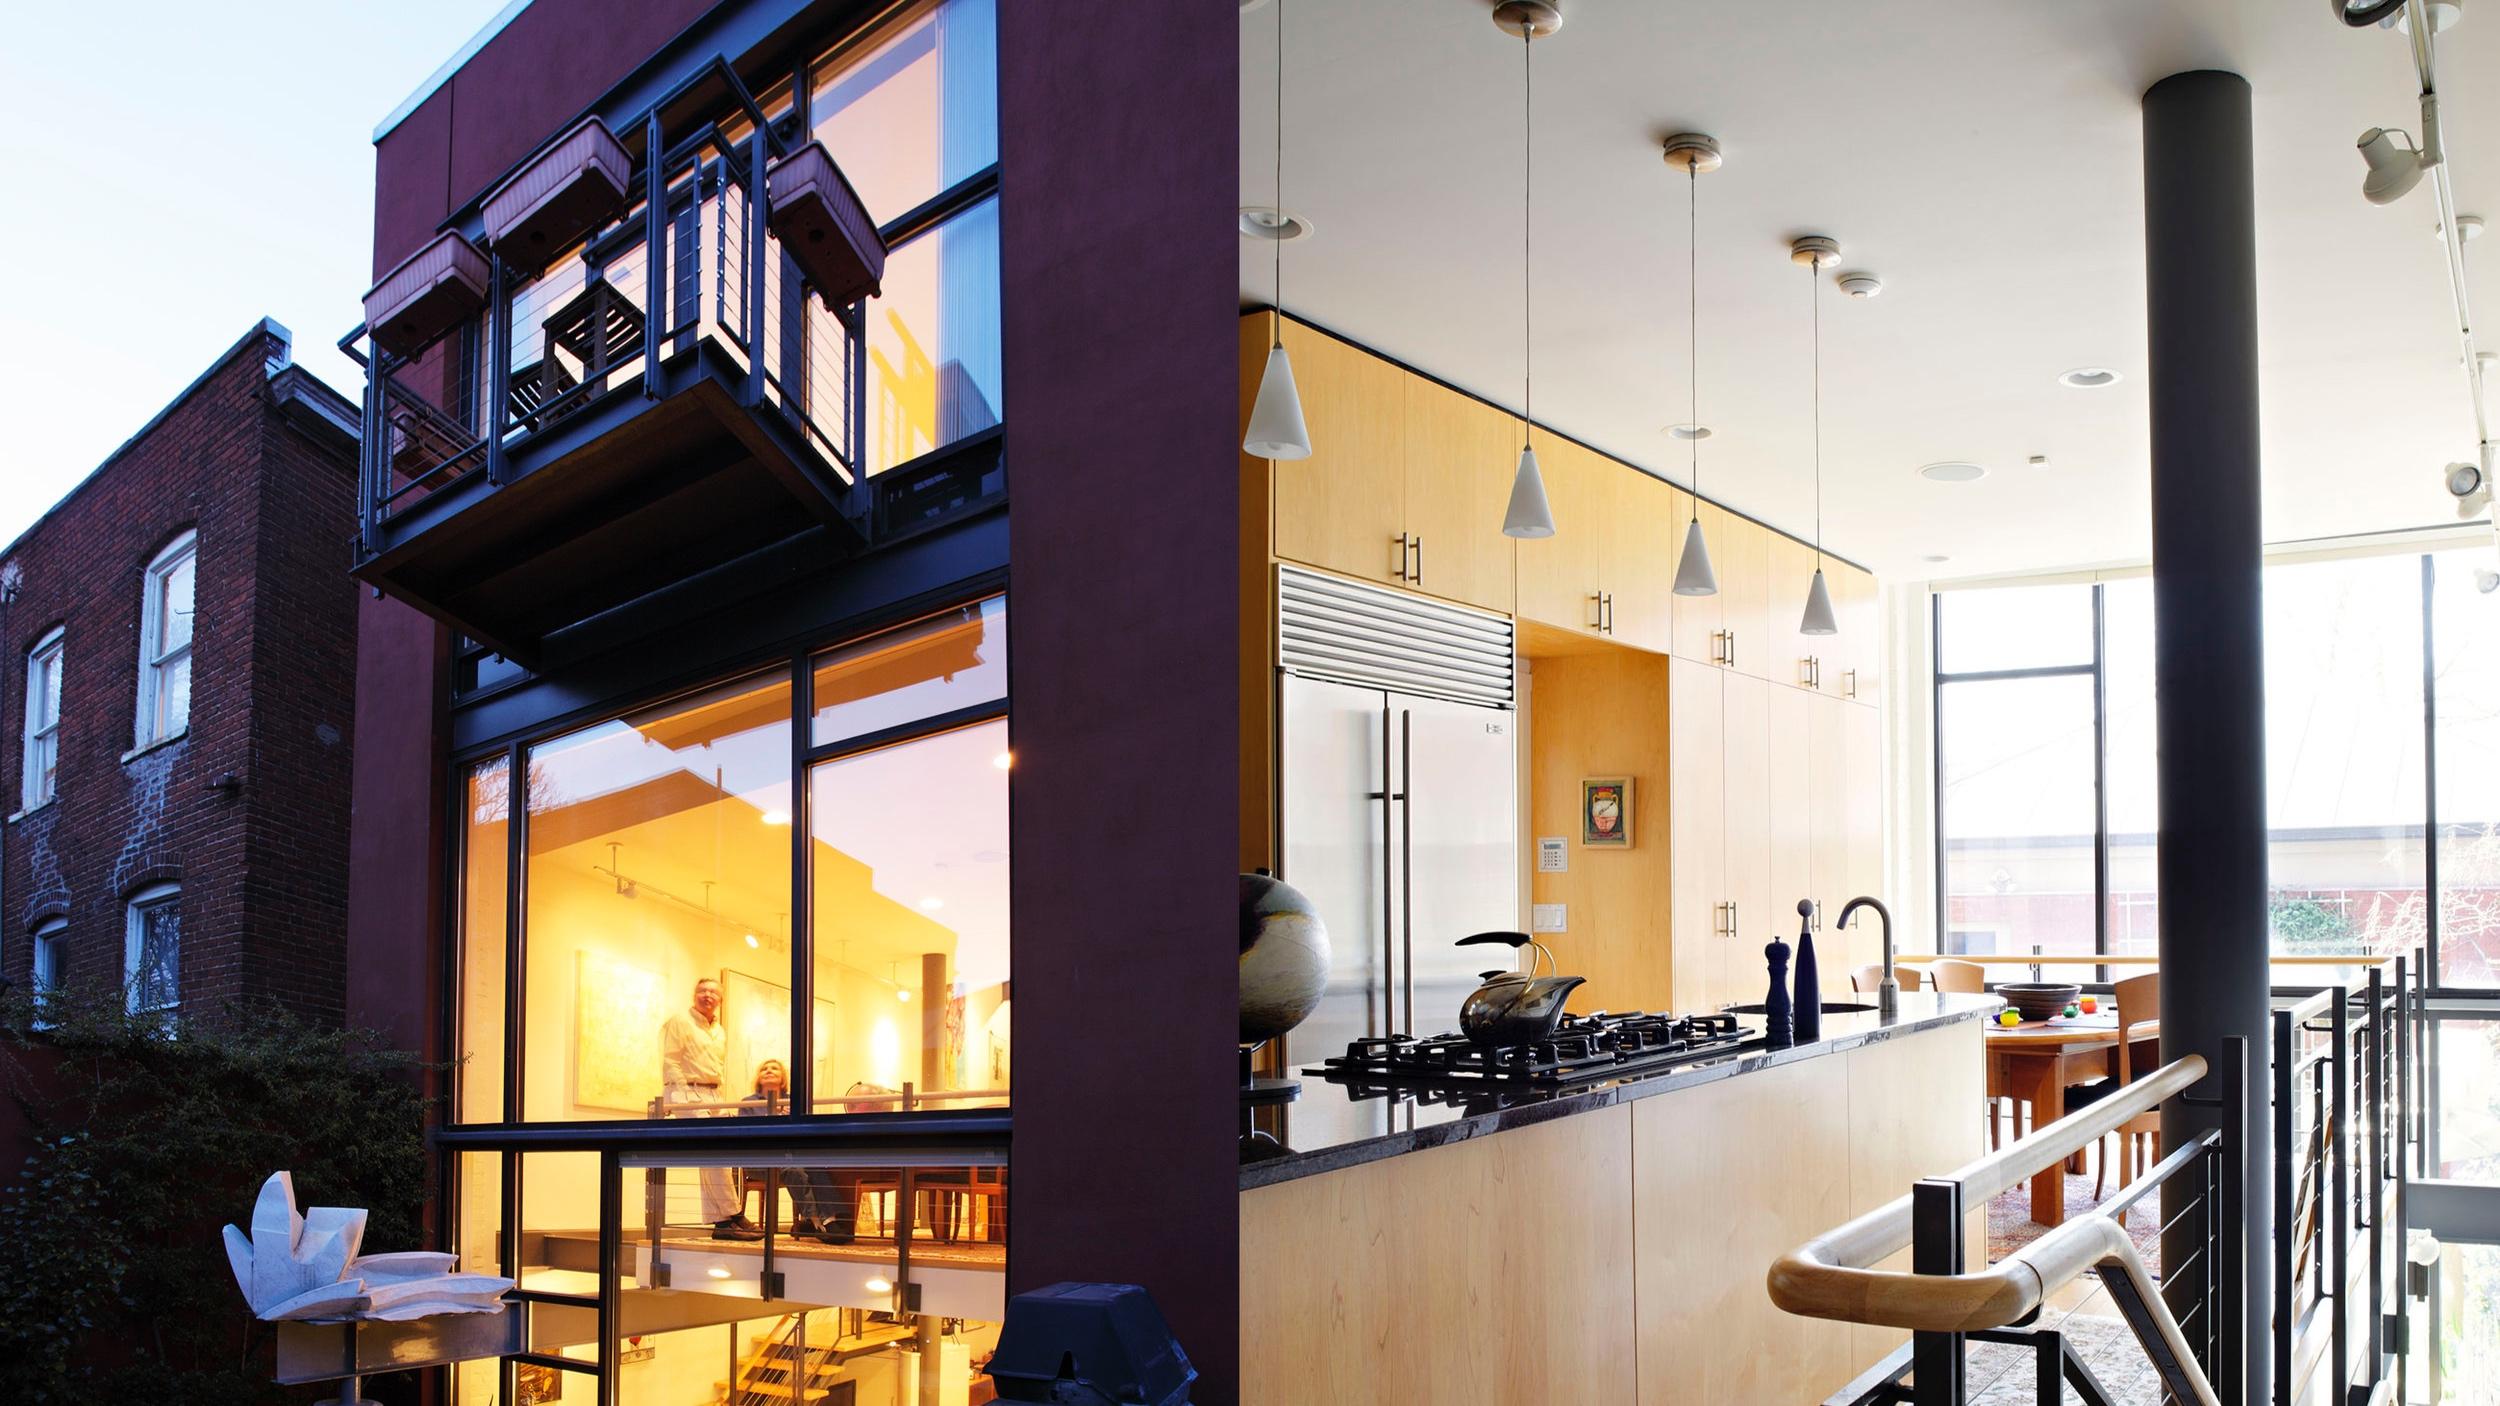 Kjerulf+Residence.jpg